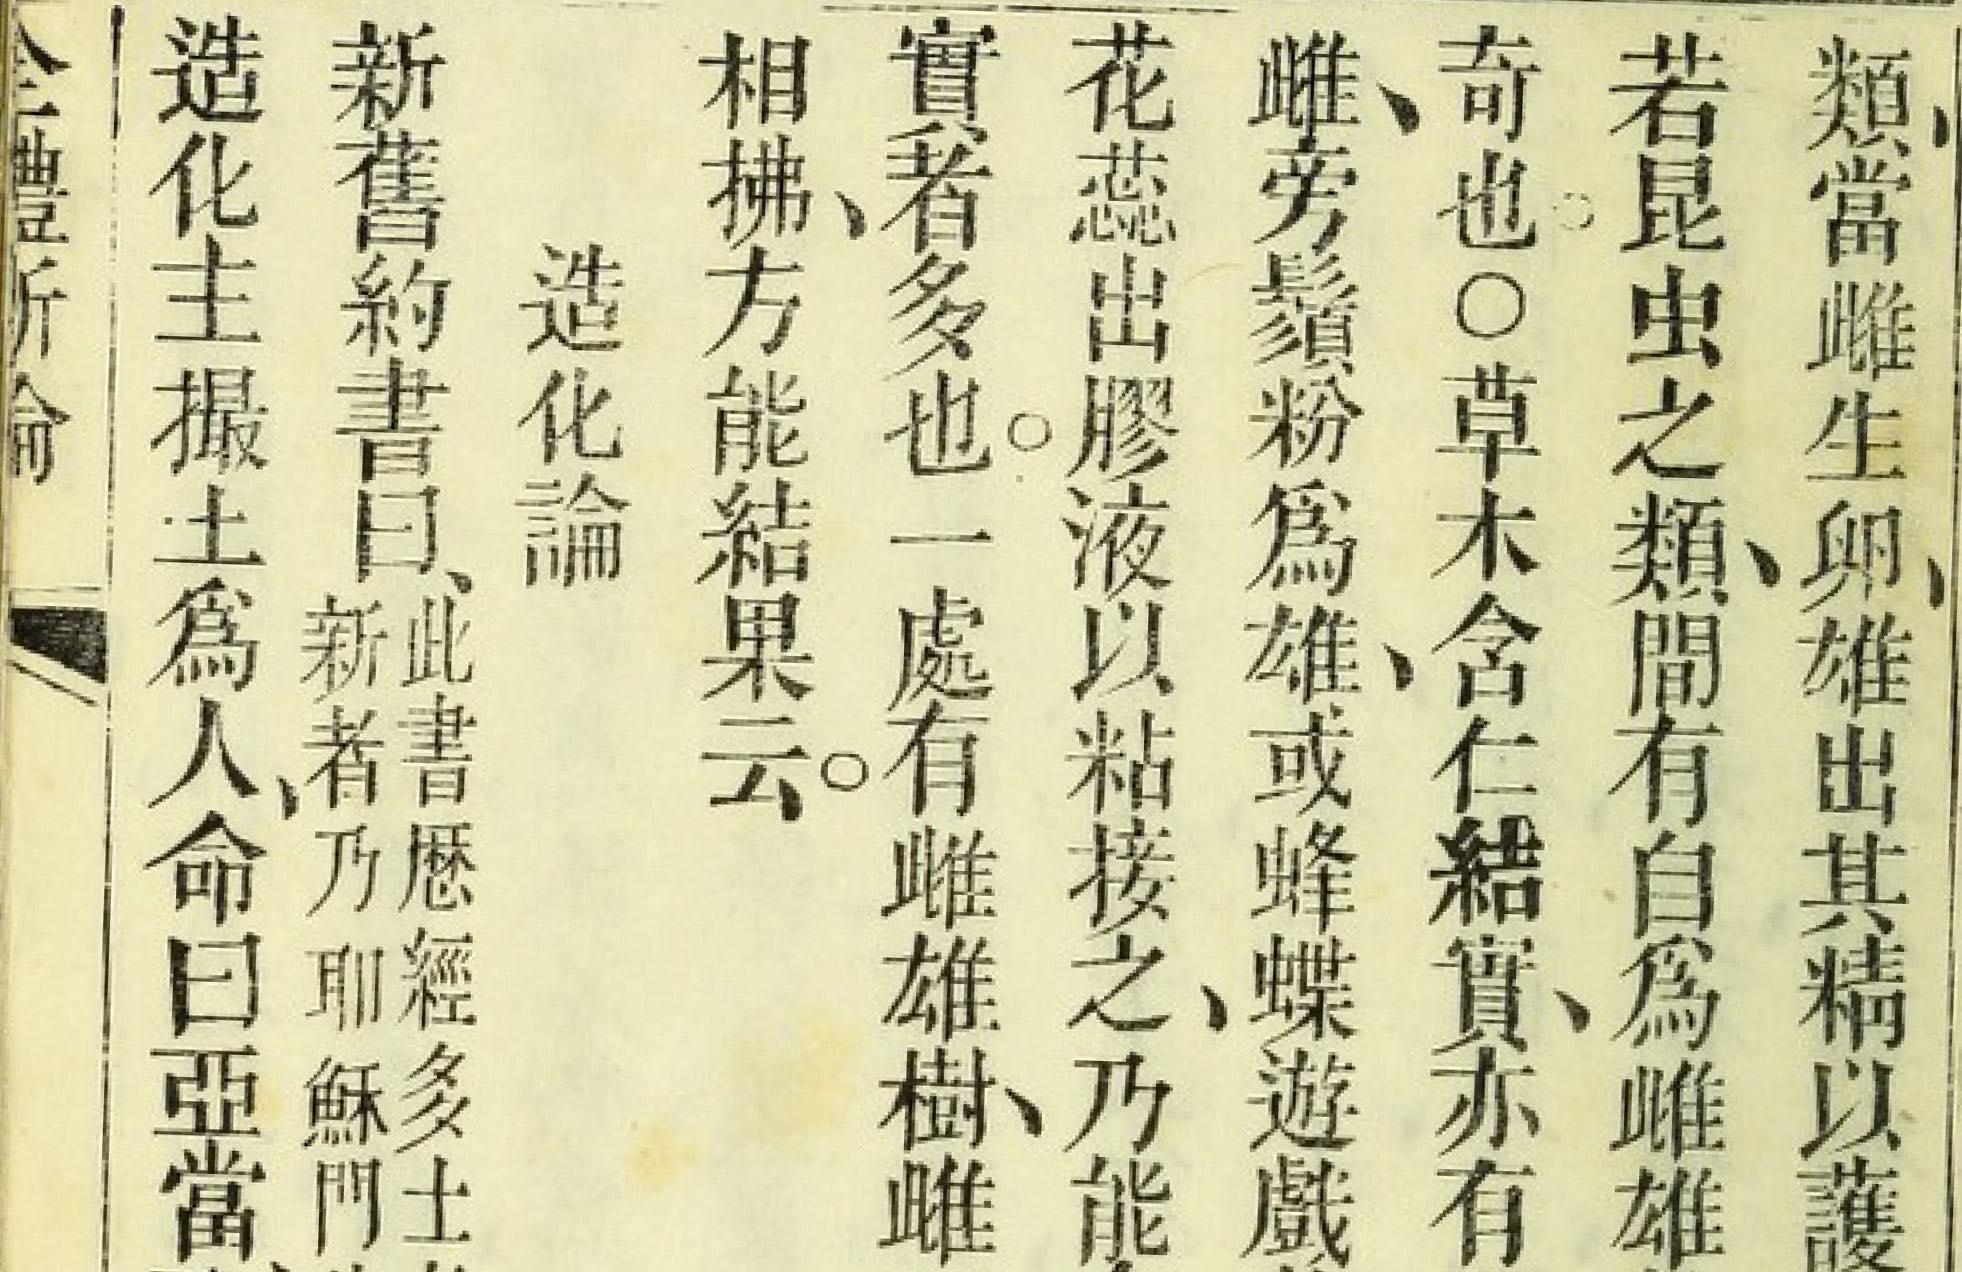 古賀謹堂旧蔵の『全体新論』について